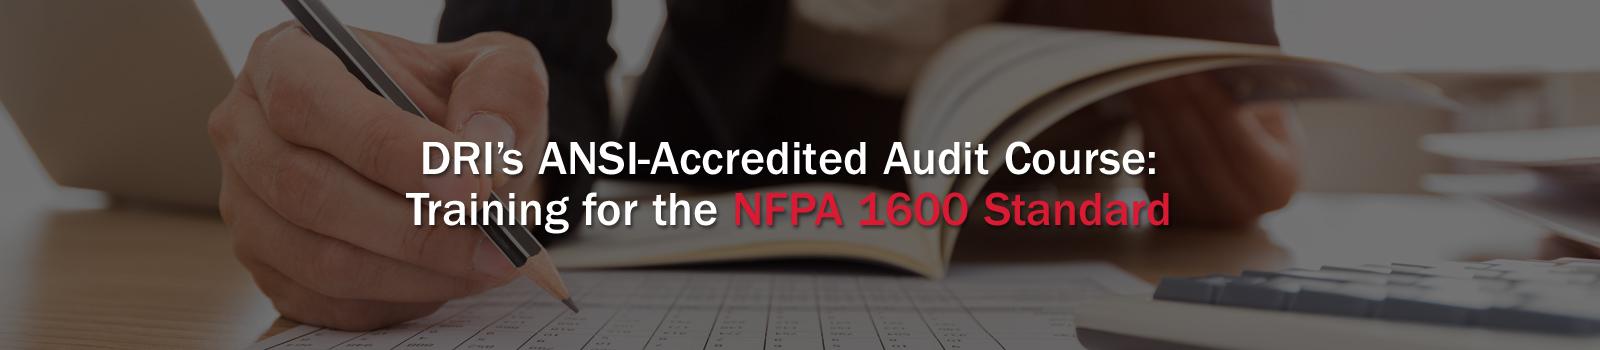 DRI NFPA_1600 Banner Image